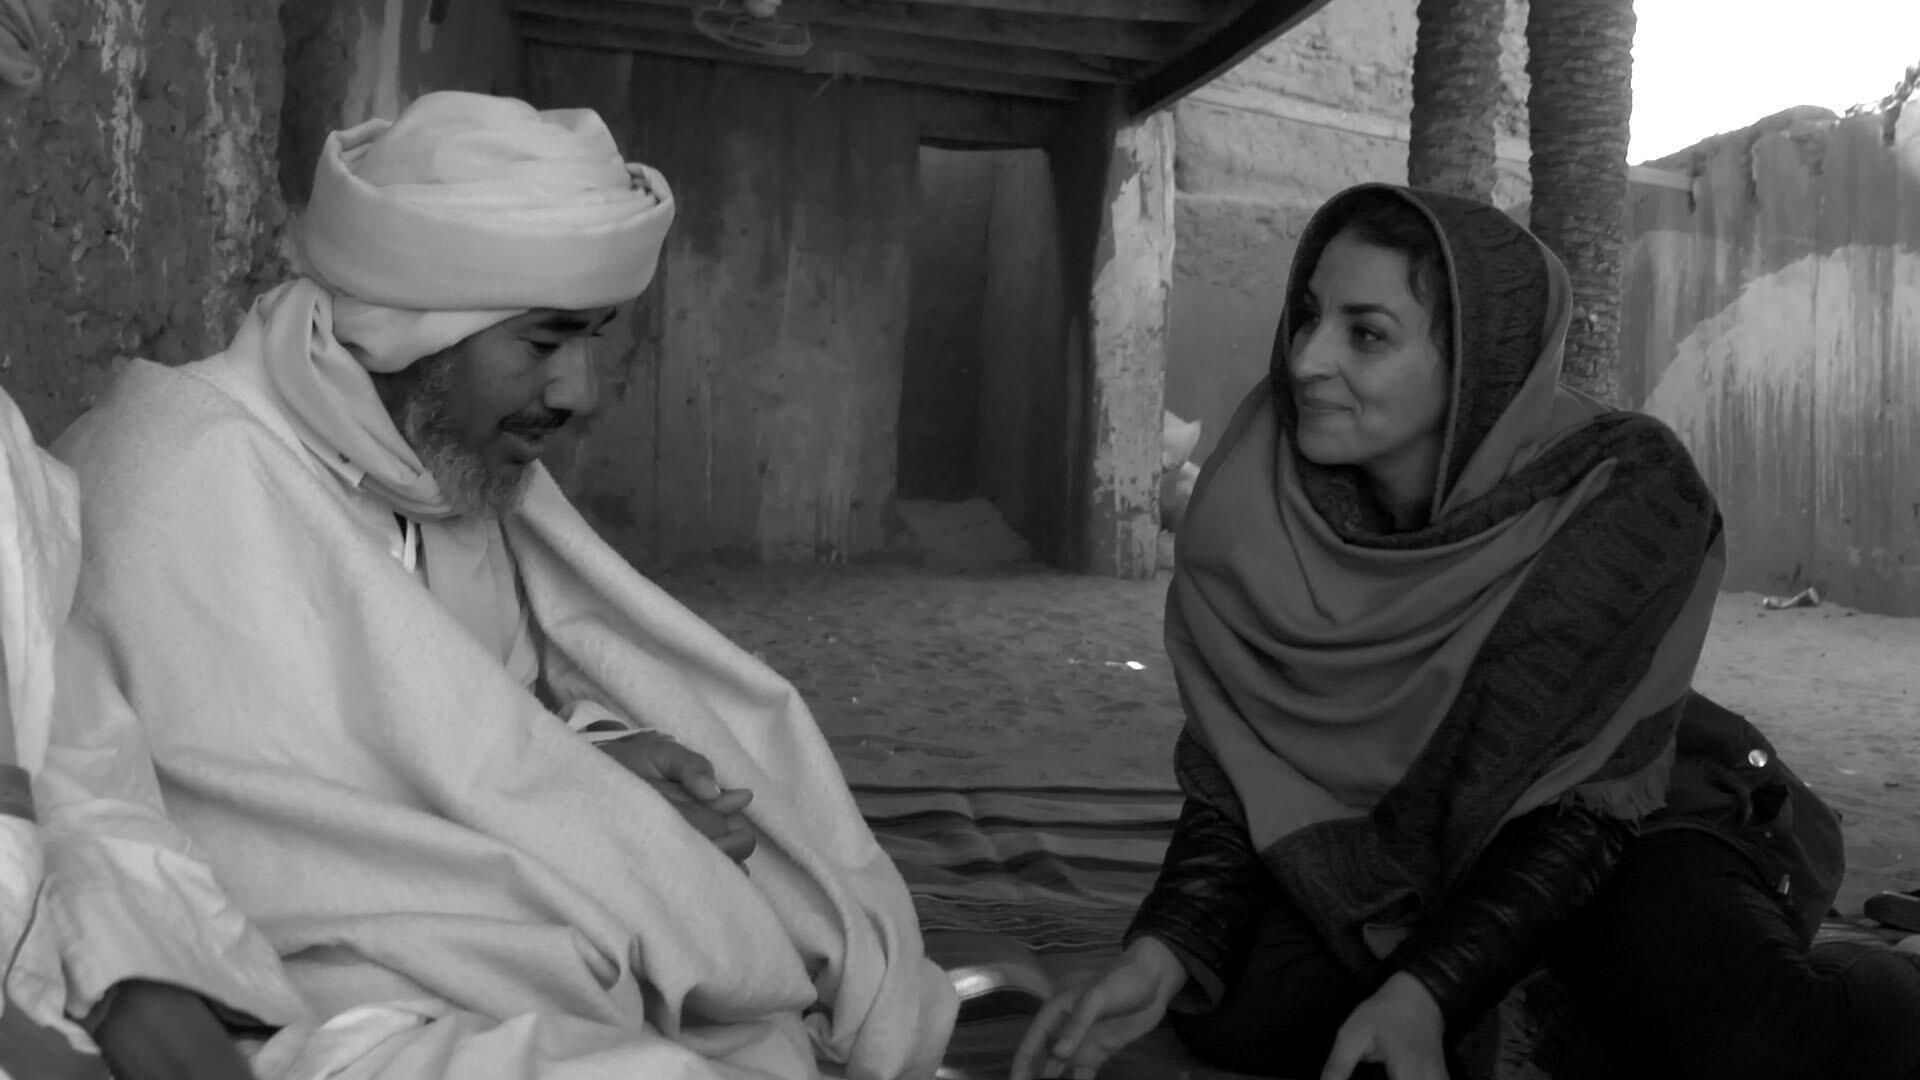 Nedjma-Salima, dans les rues de Timimoun, va-t-elle enfin trouver sa voie ?